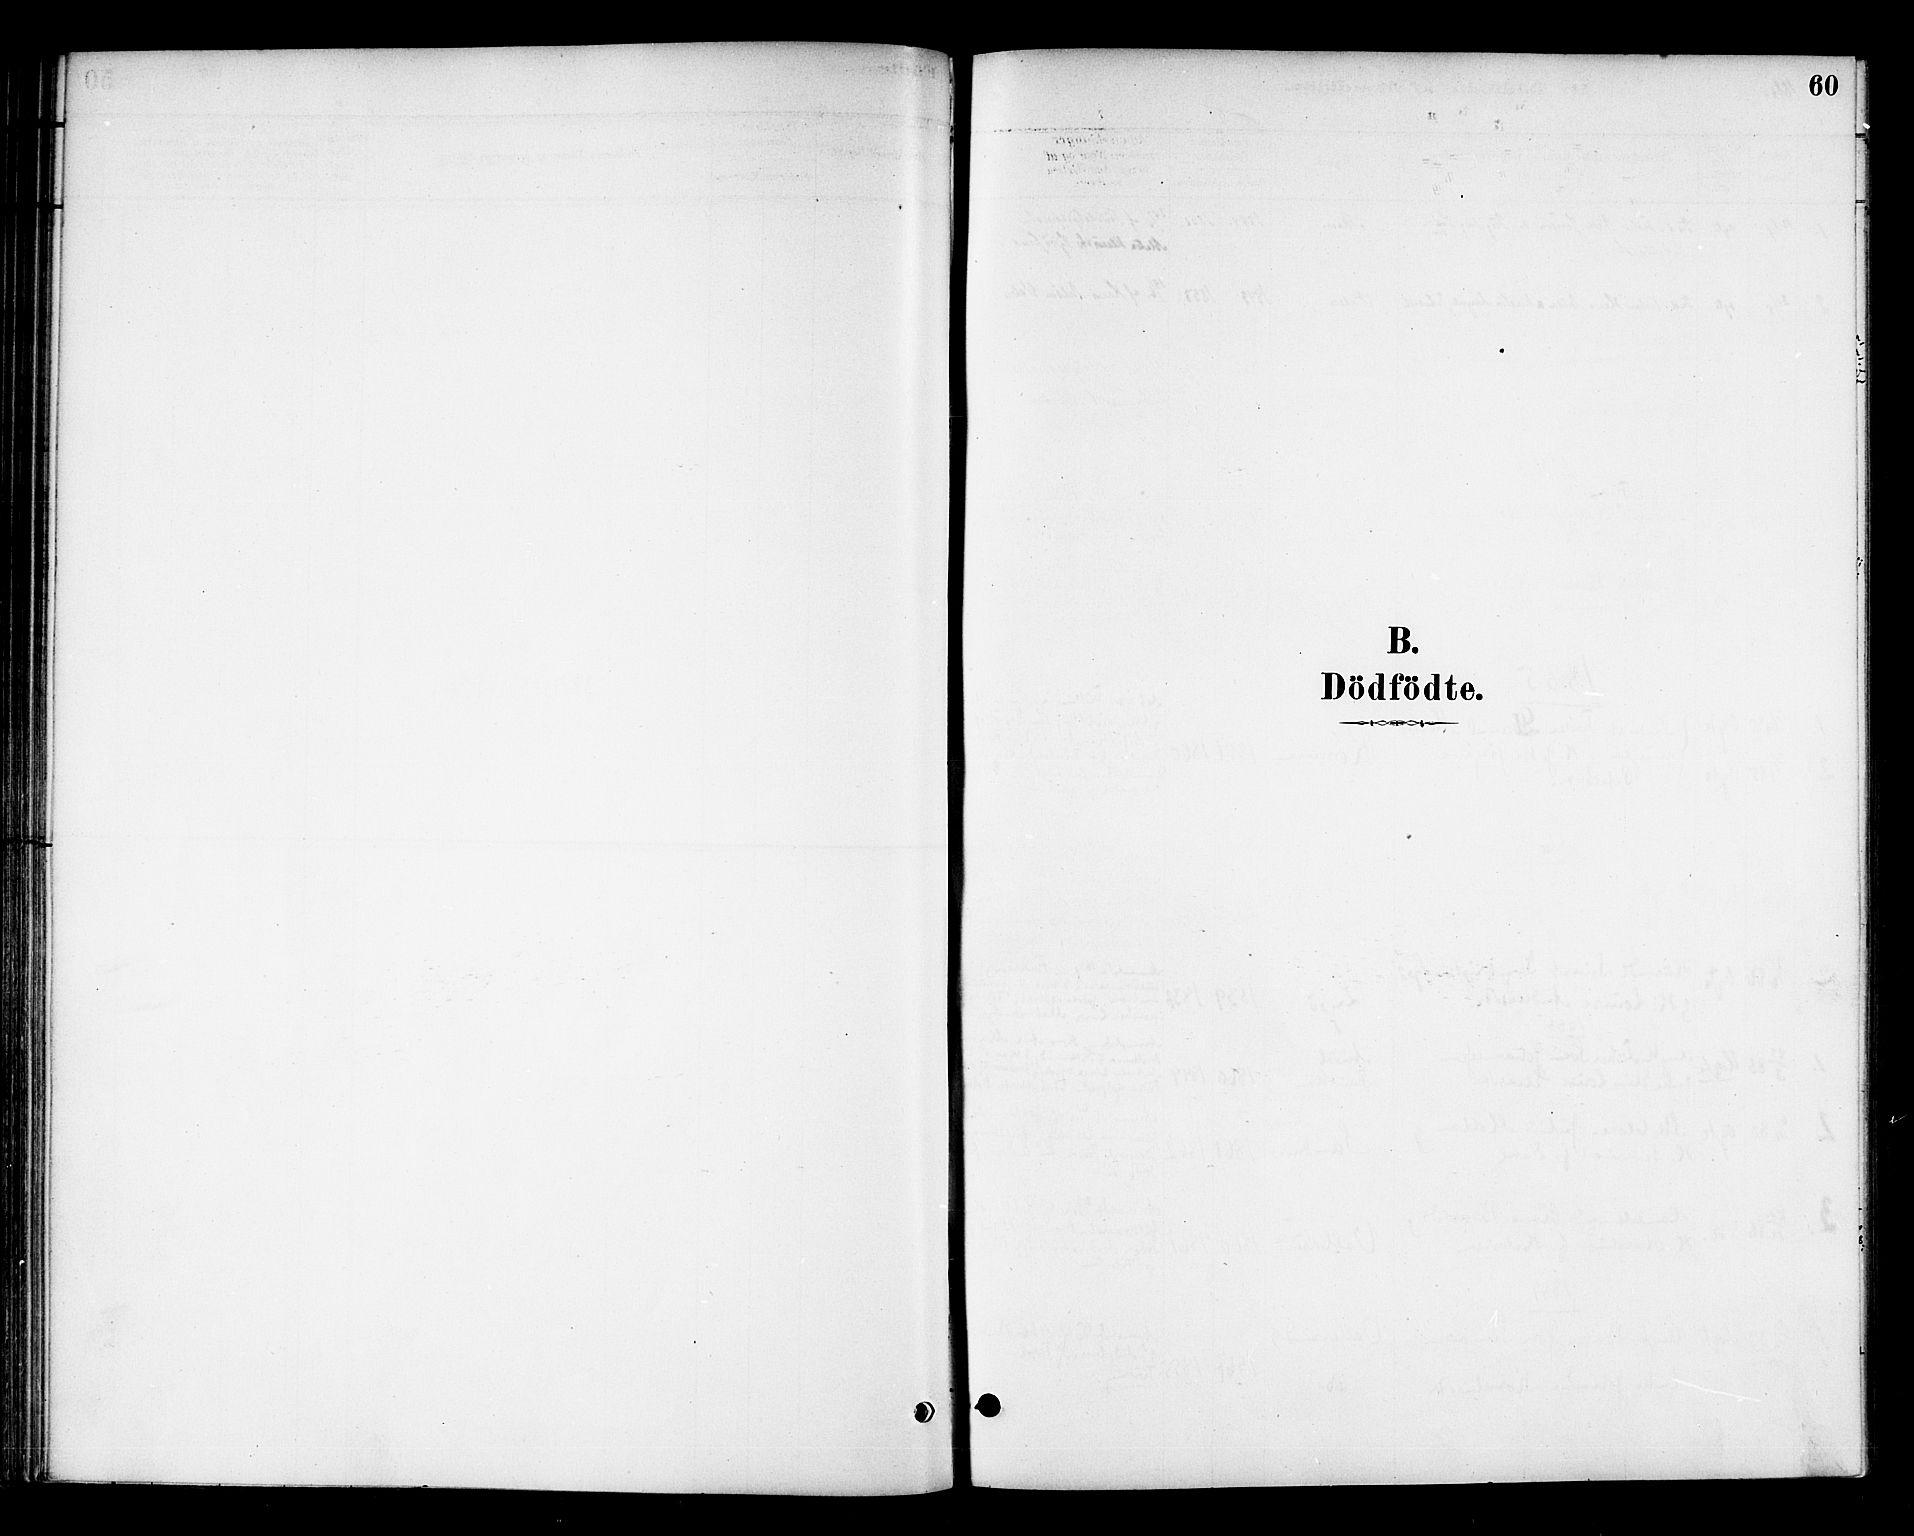 SAT, Ministerialprotokoller, klokkerbøker og fødselsregistre - Sør-Trøndelag, 654/L0663: Ministerialbok nr. 654A01, 1880-1894, s. 60